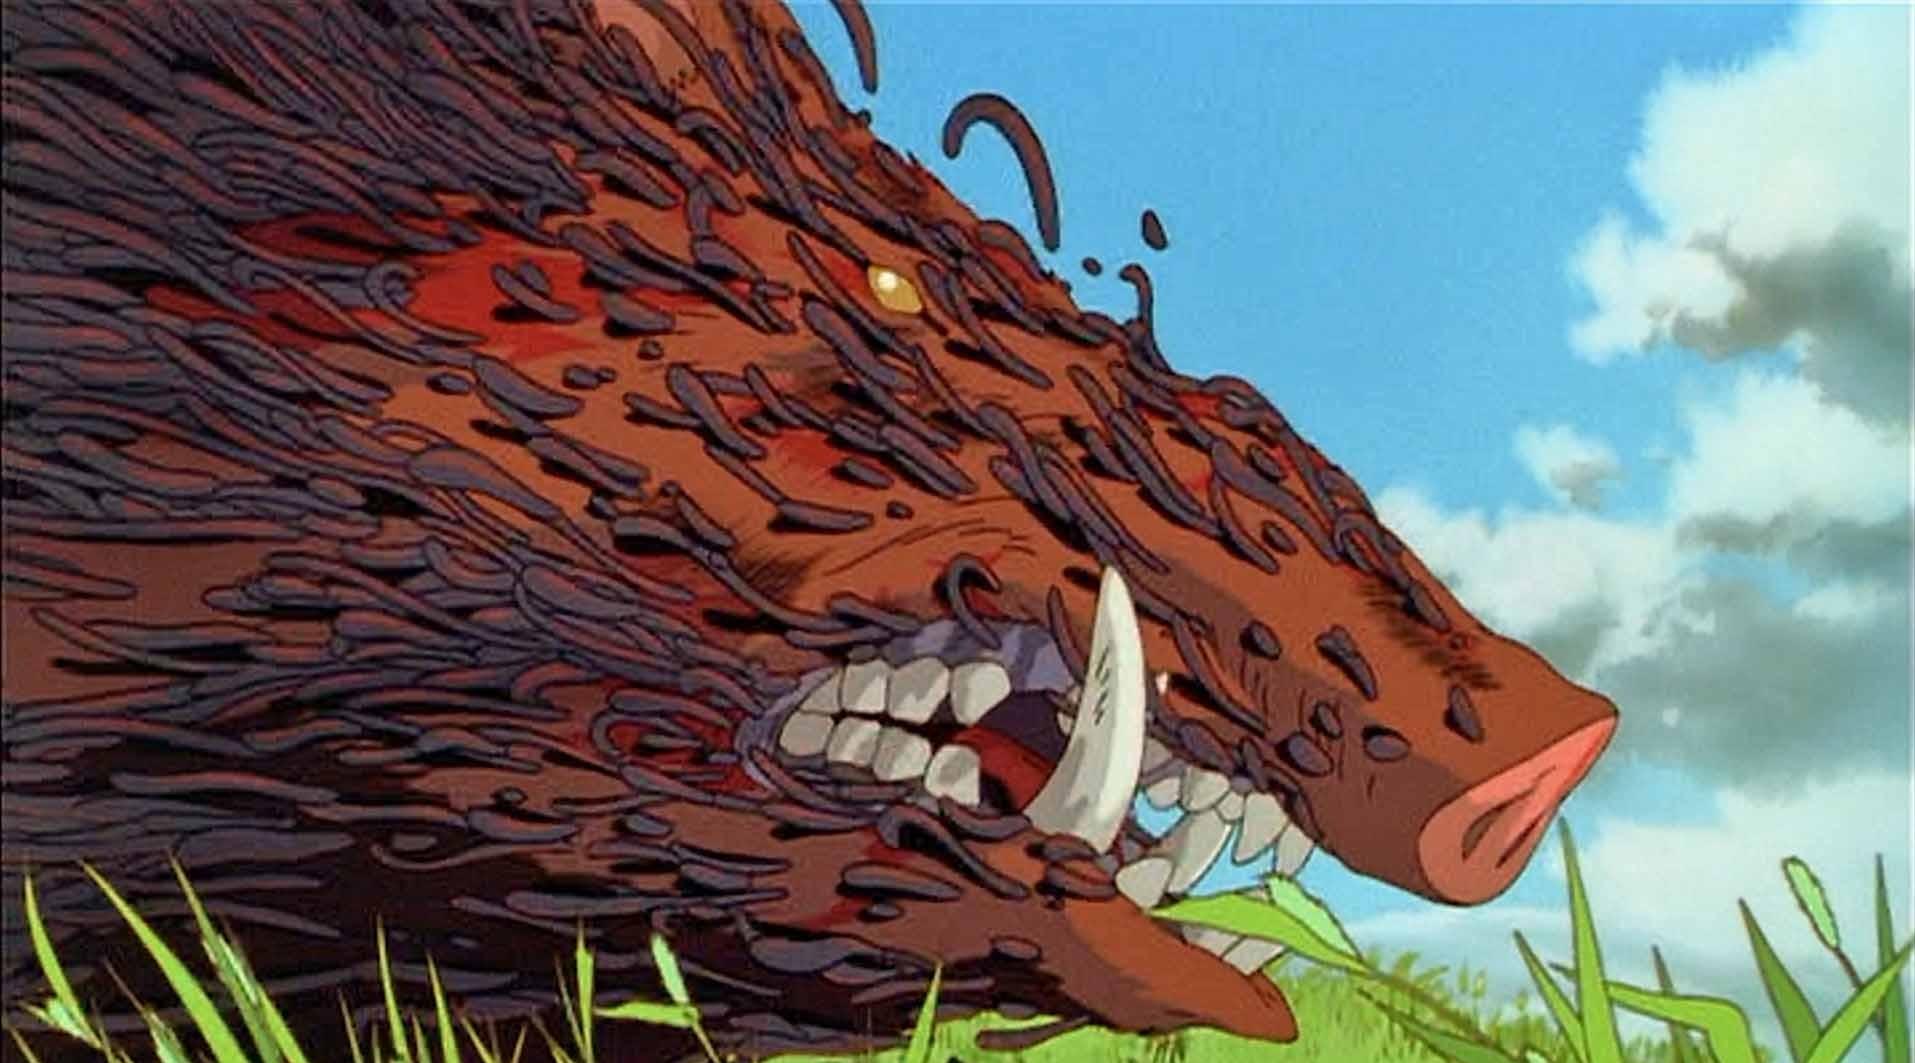 princess mononoke nightmare fuel tv tropes